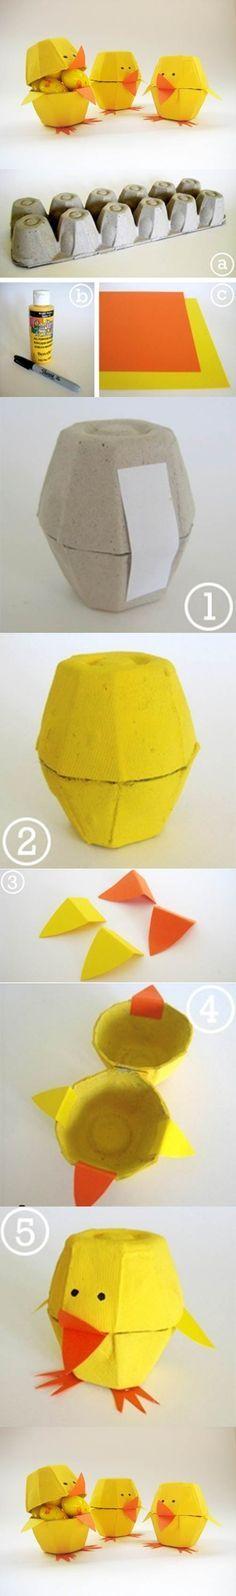 Cartón de huevos Craft - Lovely 2 polluelos